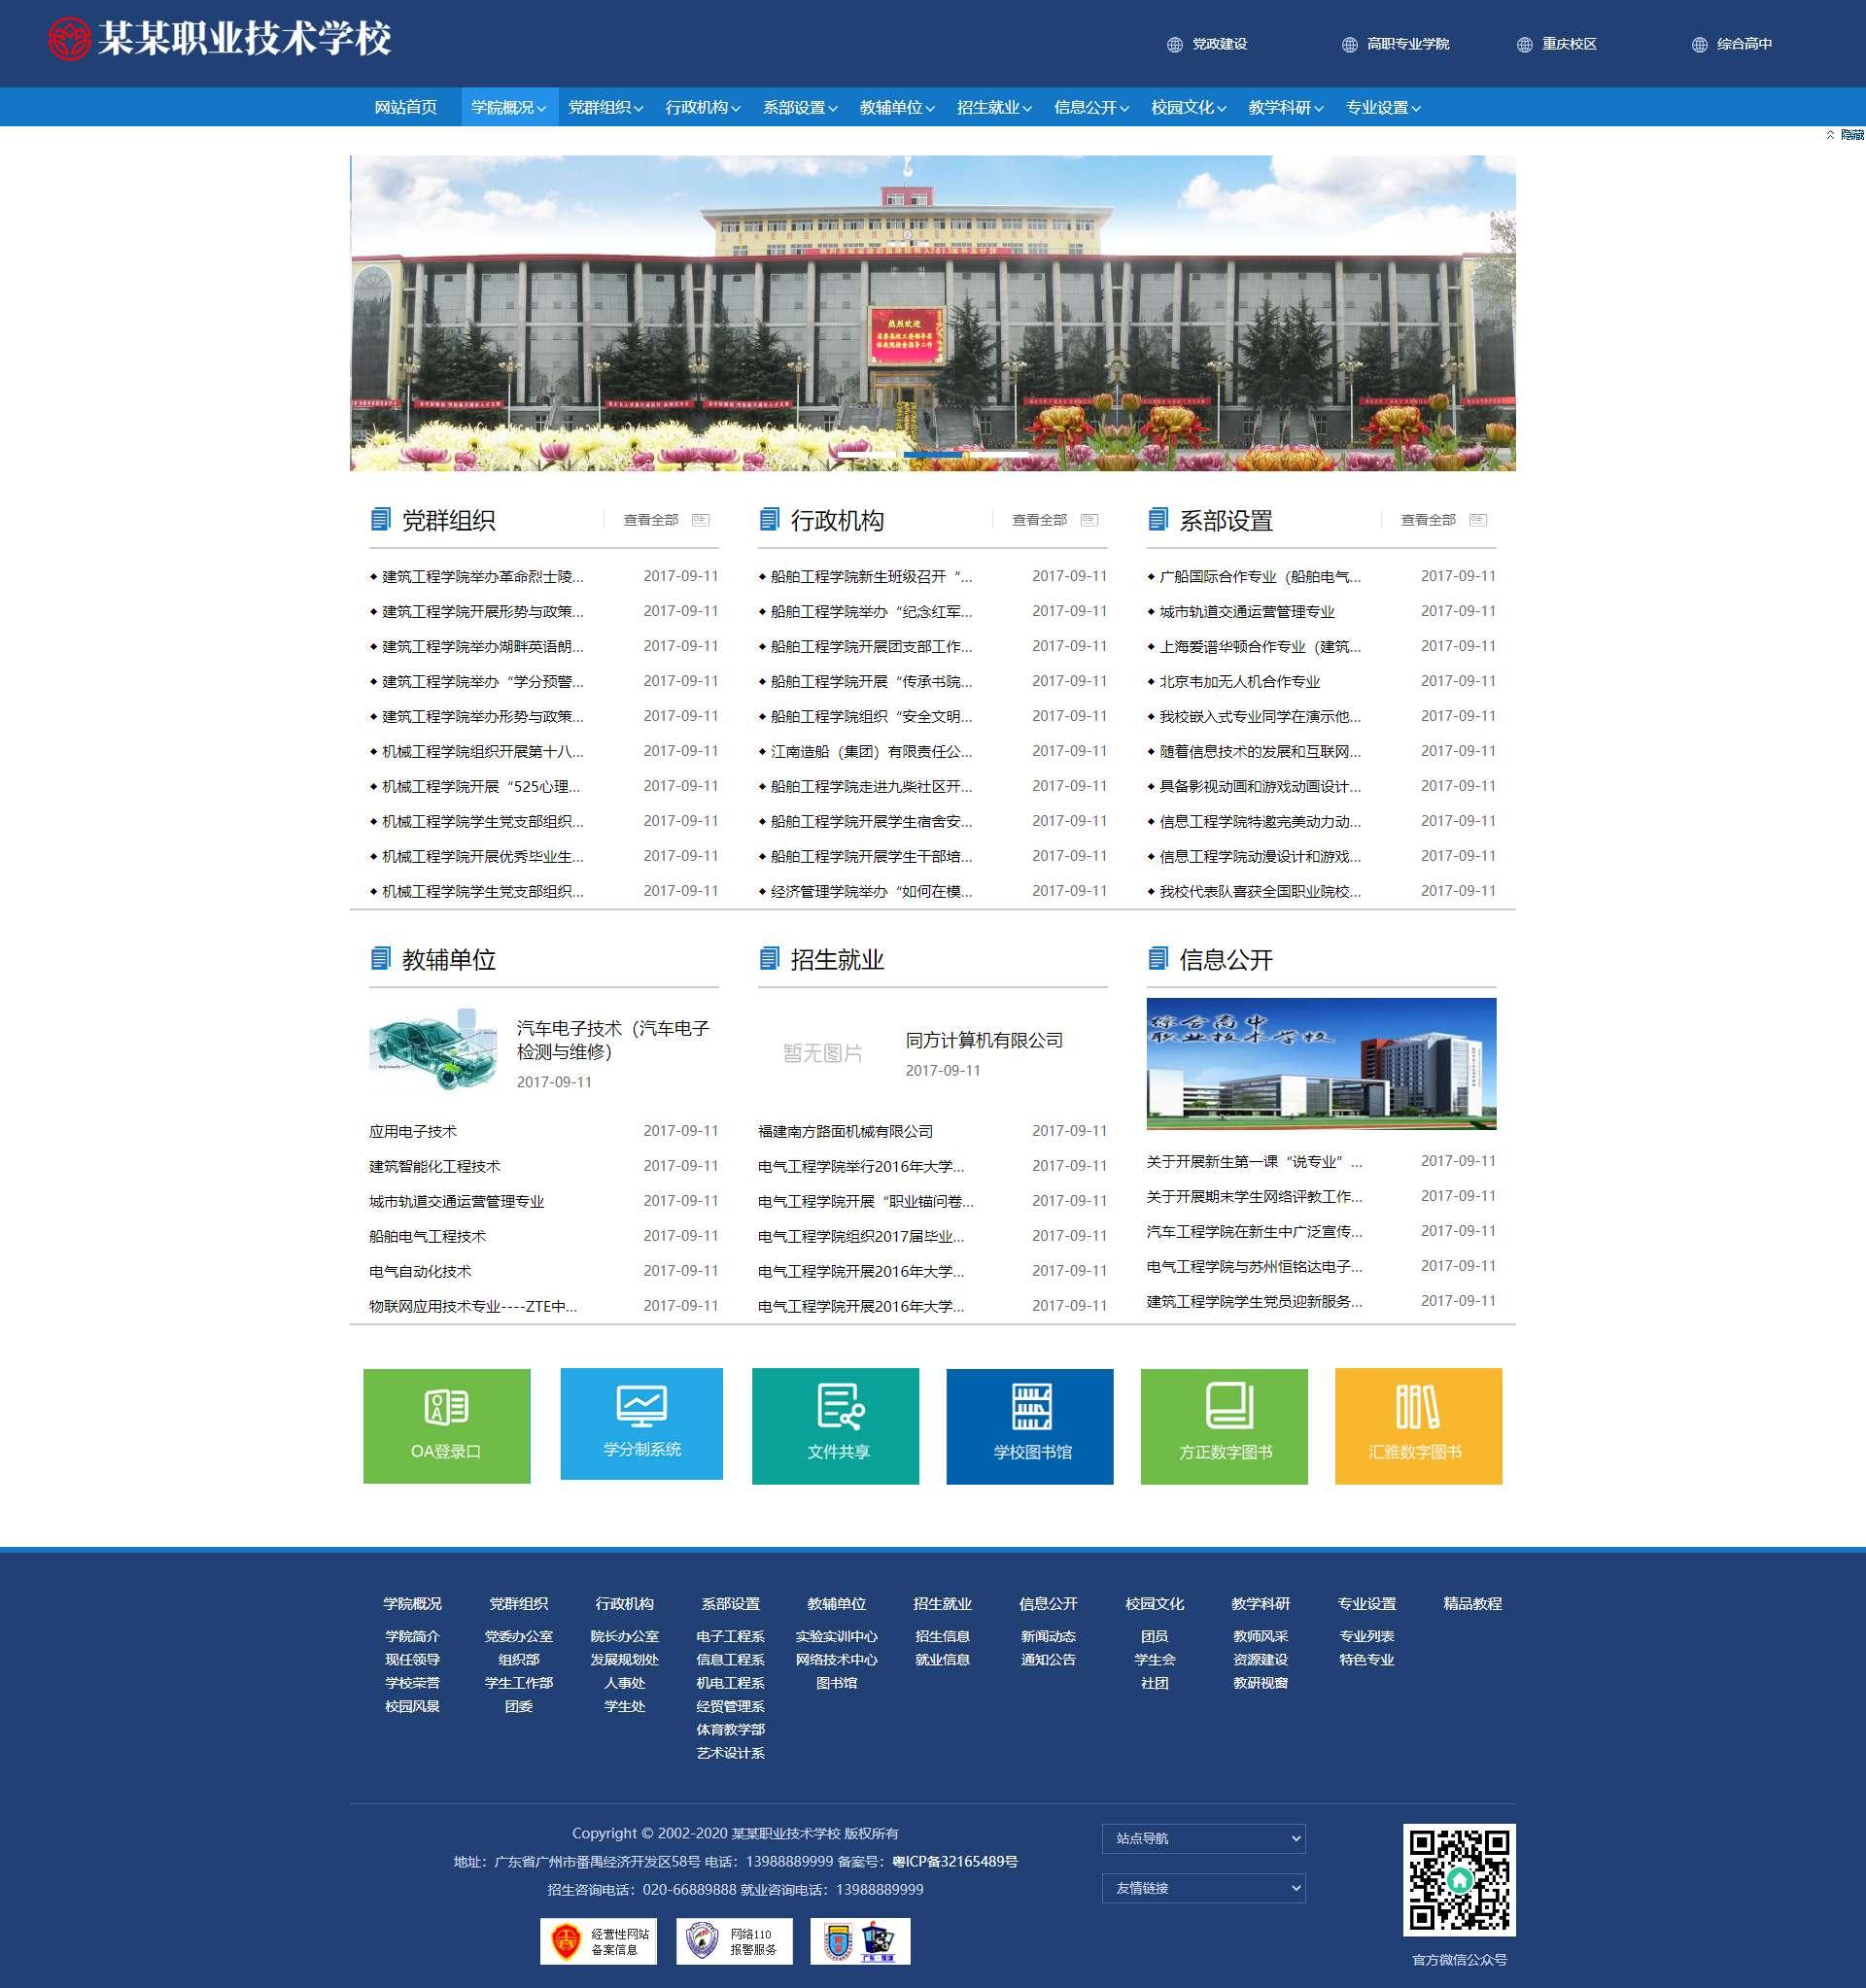 学校学院织梦网站建设模板